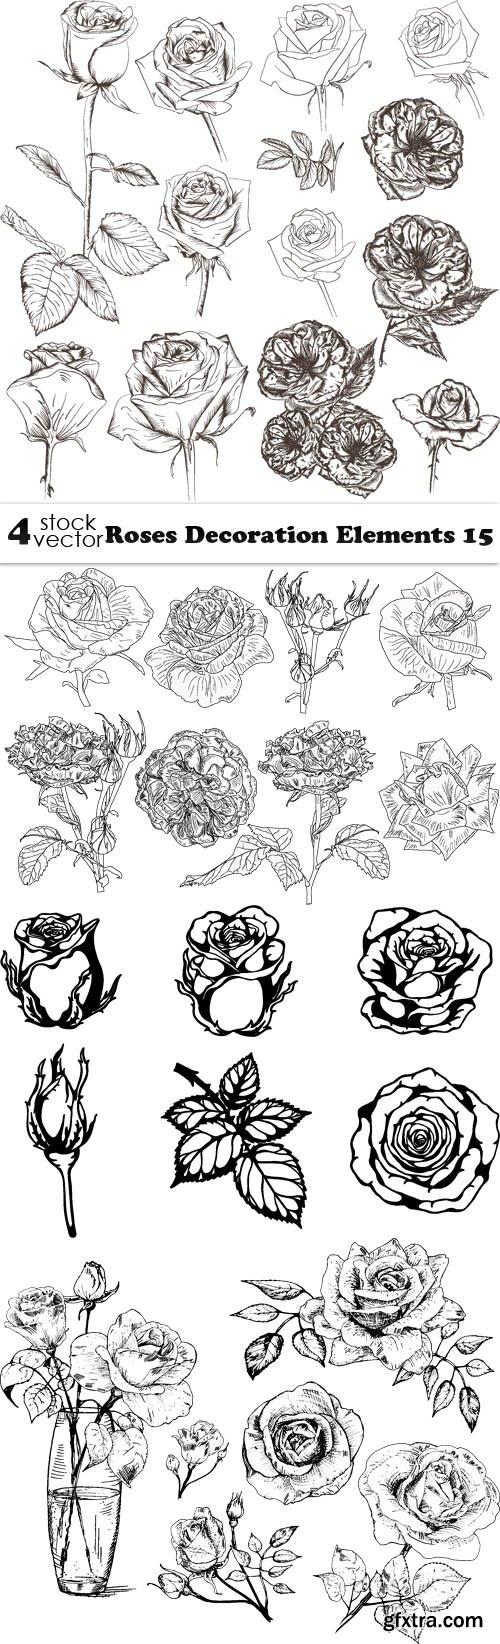 Vectors - Roses Decoration Elements 15